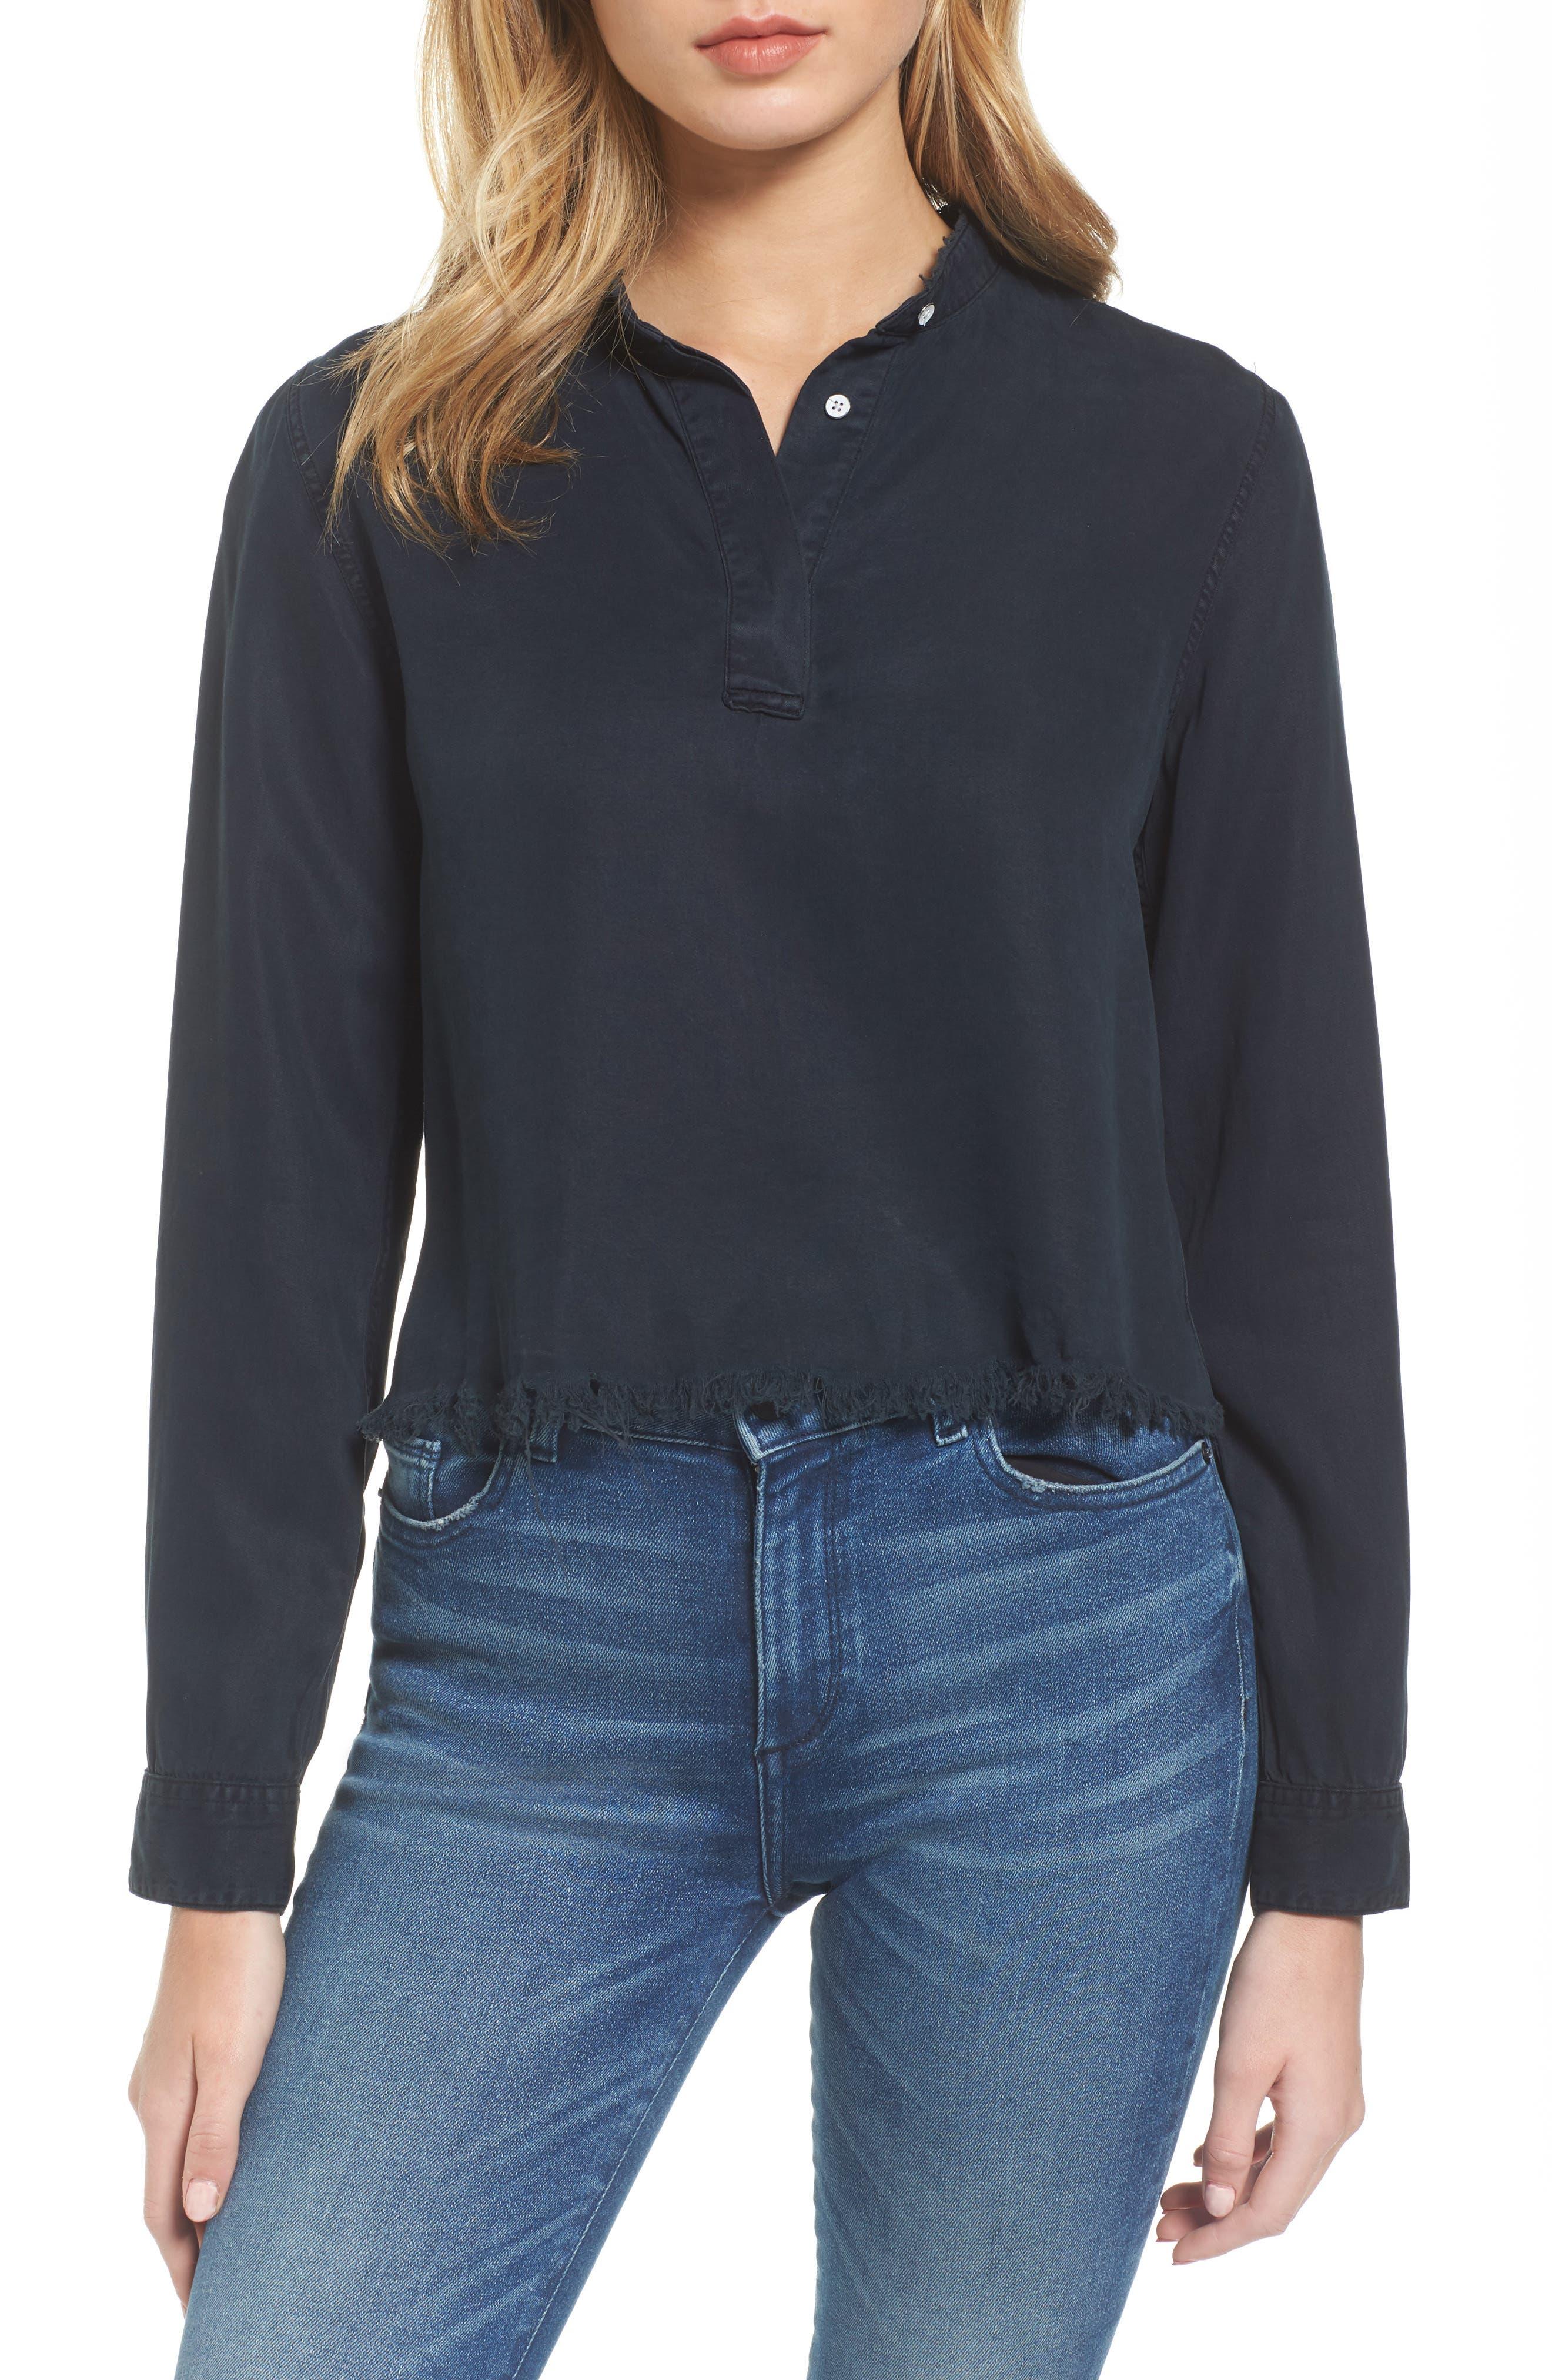 DL1961 x The Blue Shirt Shop W 3rd & Sullivan Crop Shirt